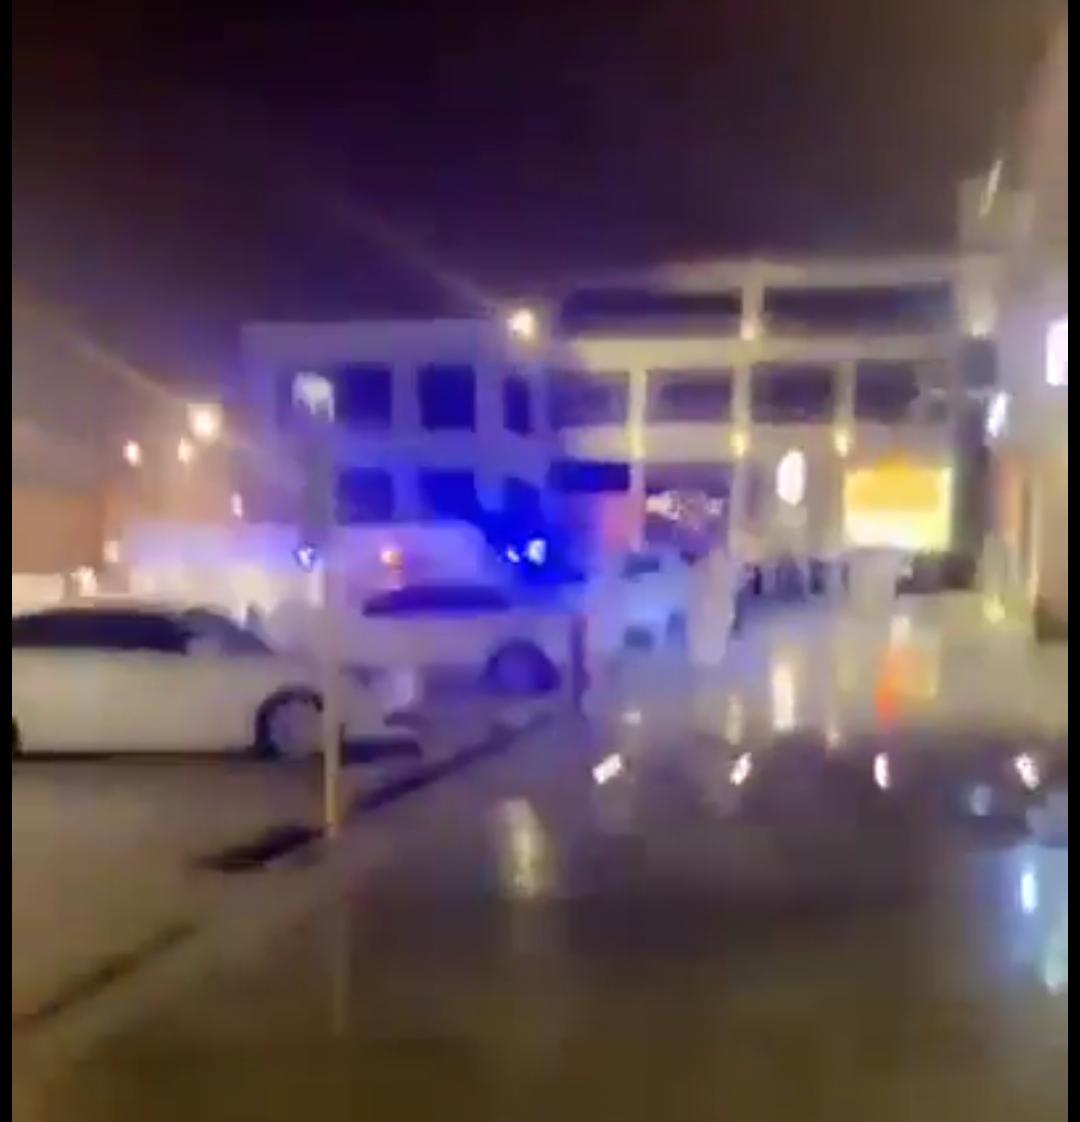 شرطة الرياض توضح حقيقة فيديو القبض على مخالفي الذوق العام